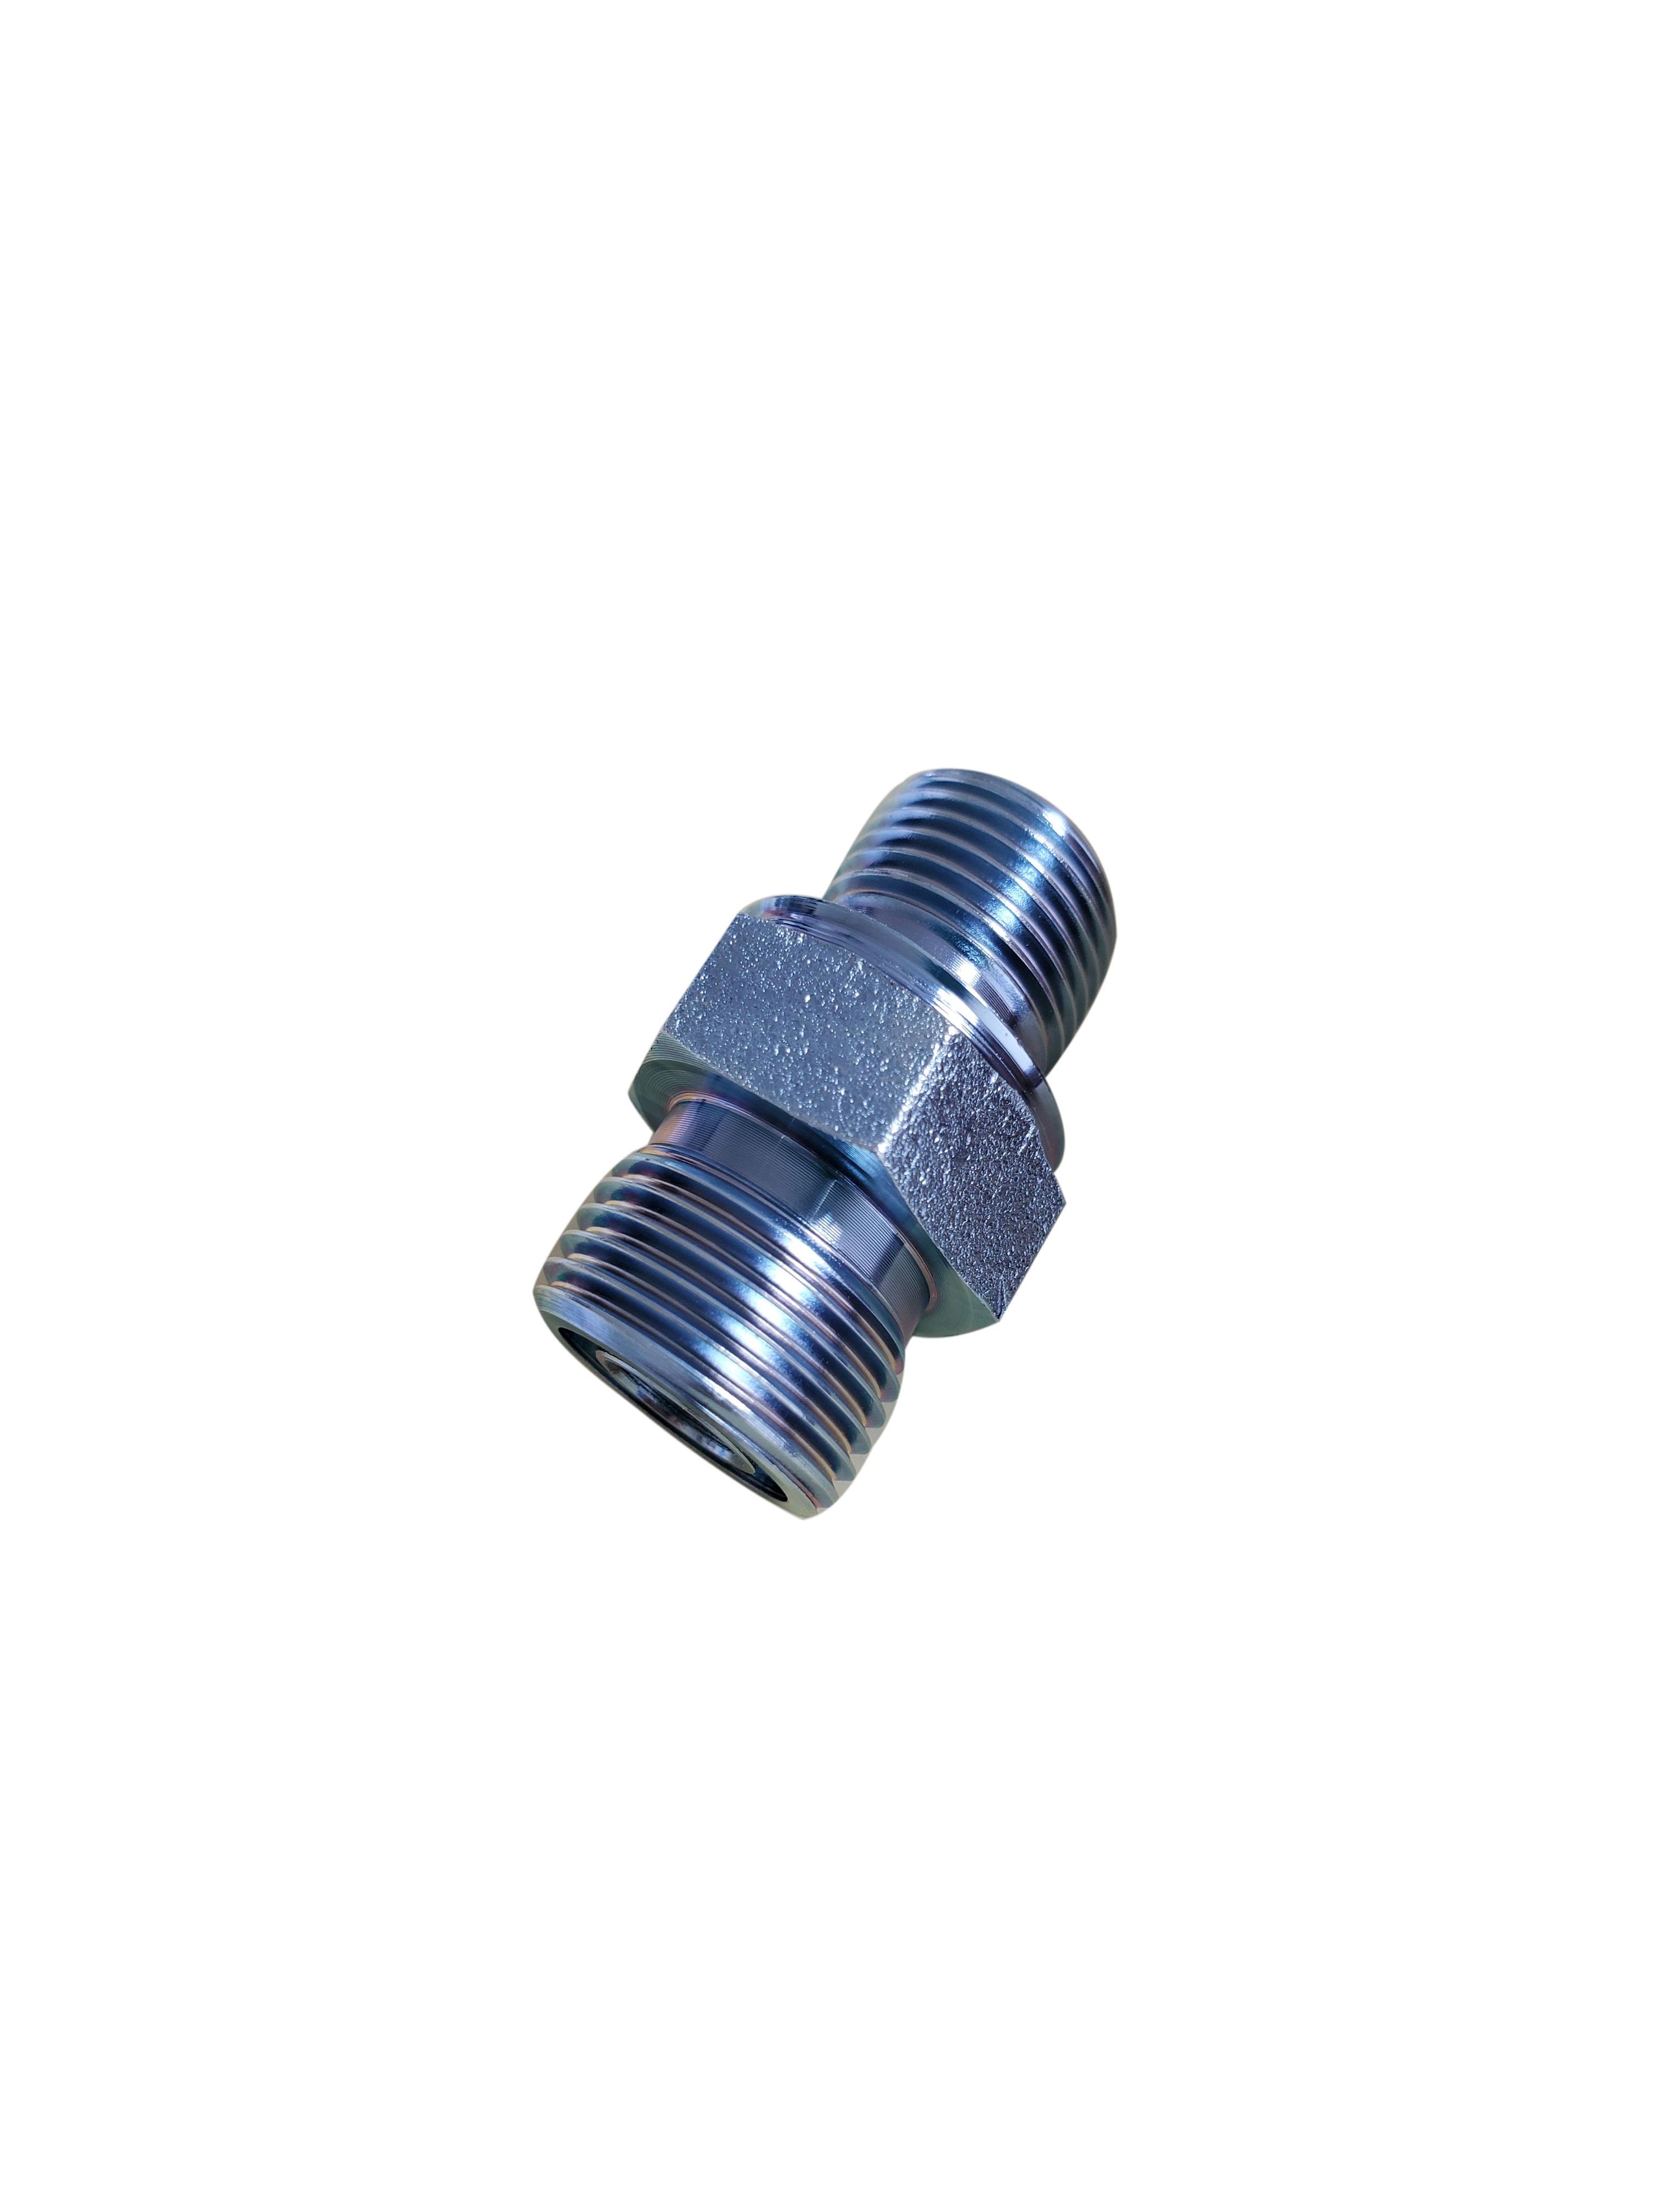 Duralloy iz-425光亮锌铁合金工艺